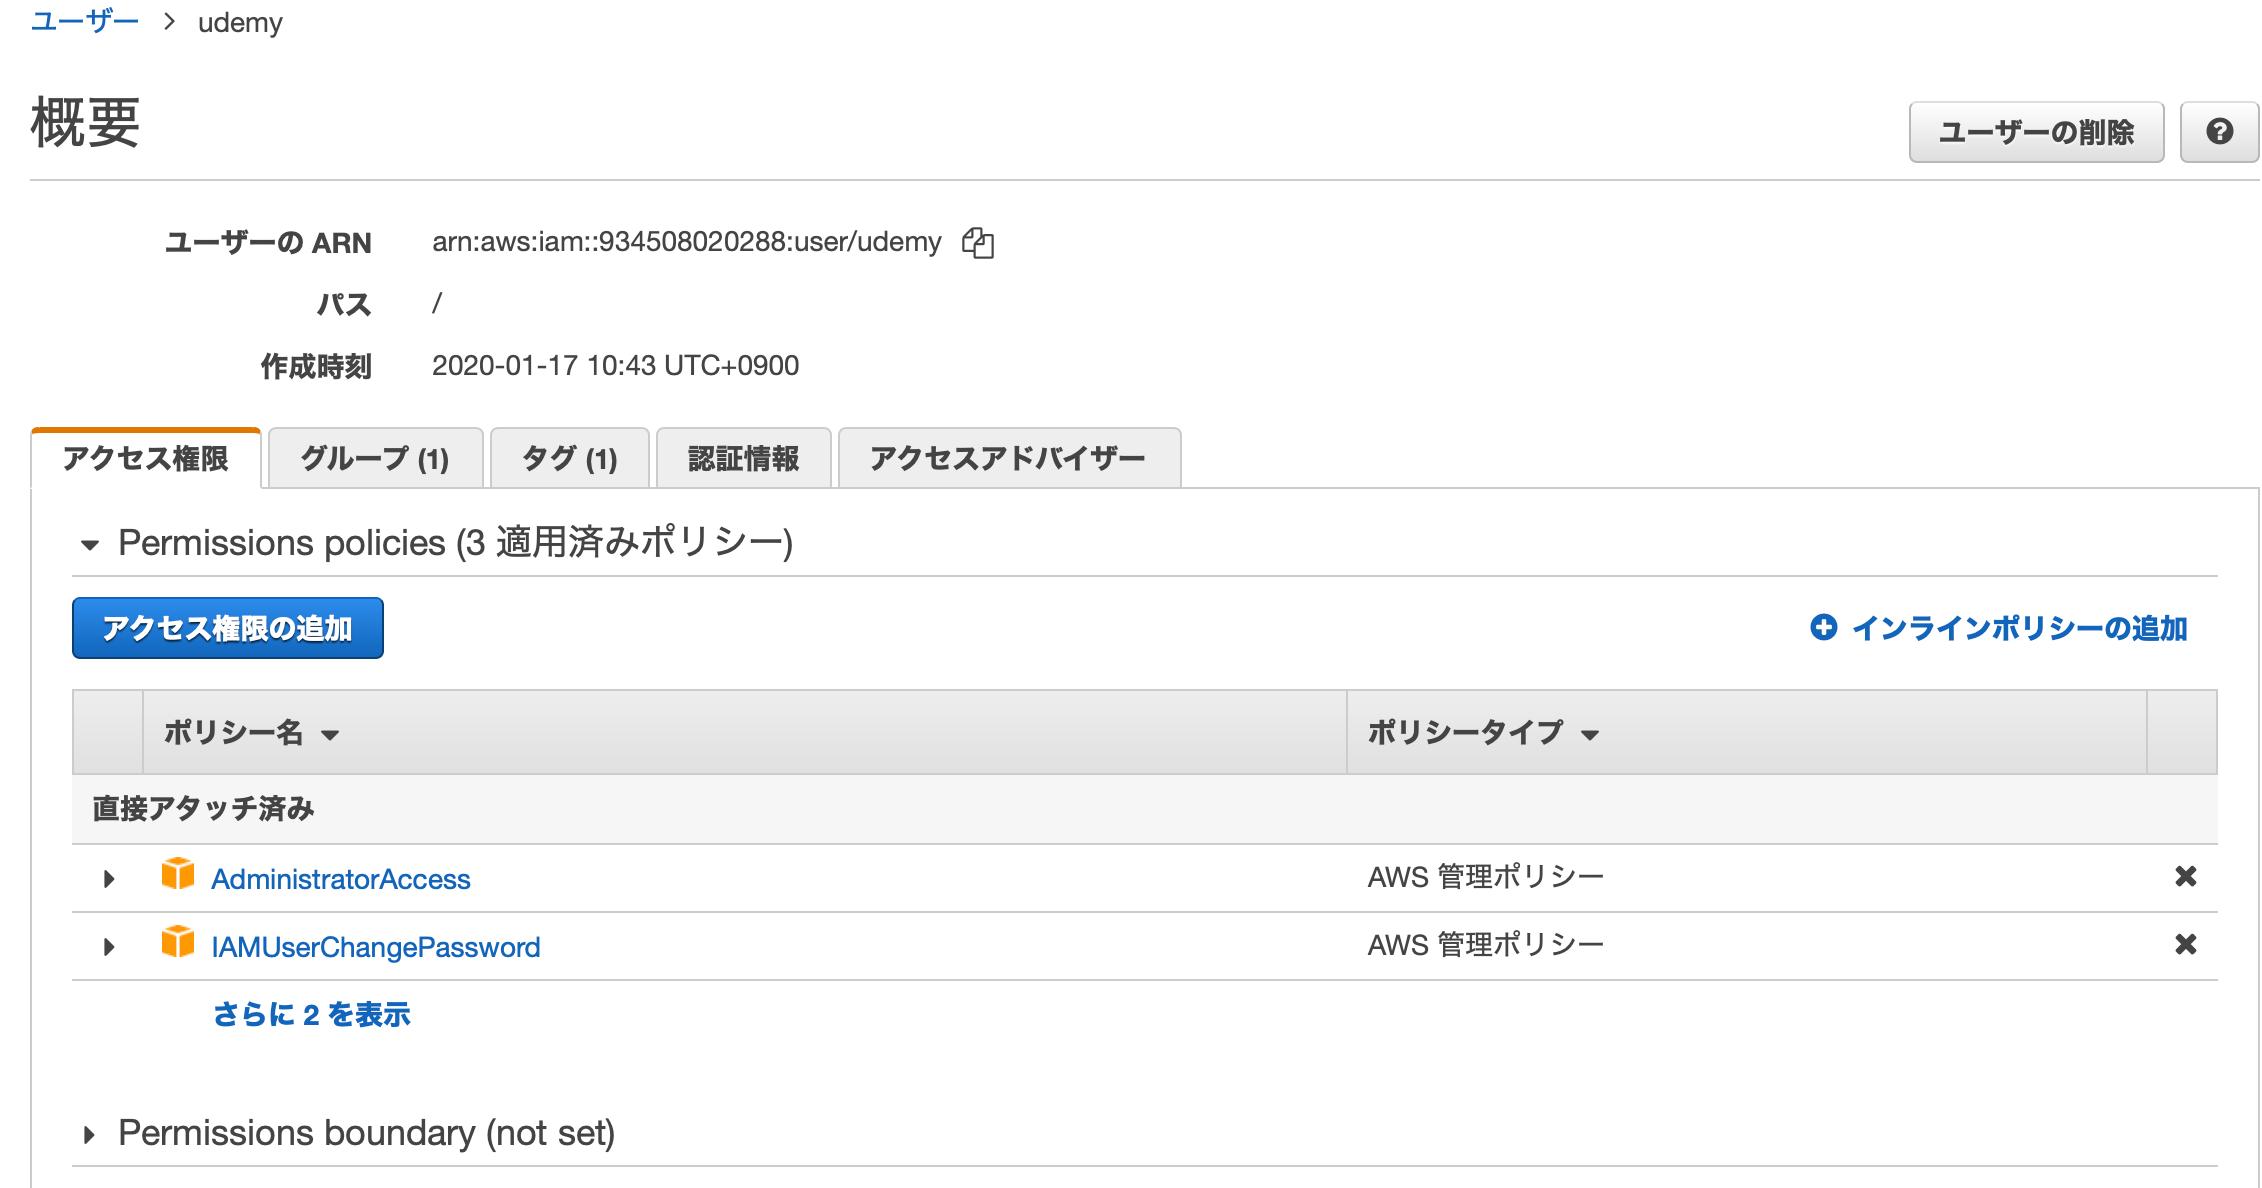 スクリーンショット 2020-01-17 10.50.00.png